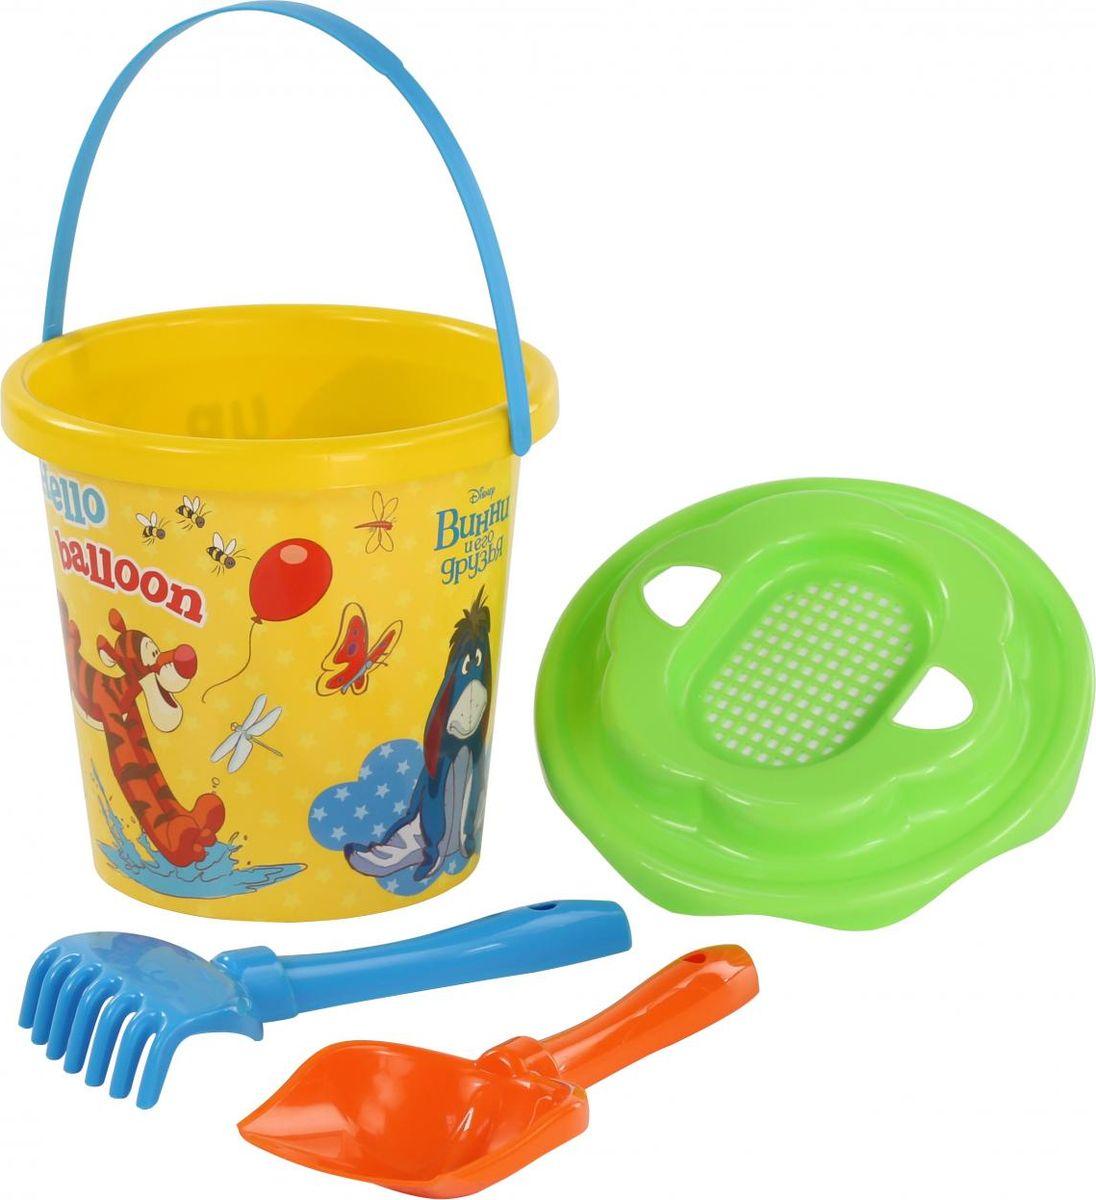 Disney Набор игрушек для песочницы Винни и его друзья №11, 4 предмета, цвет в ассортименте disney набор игрушек для песочницы винни и его друзья 4